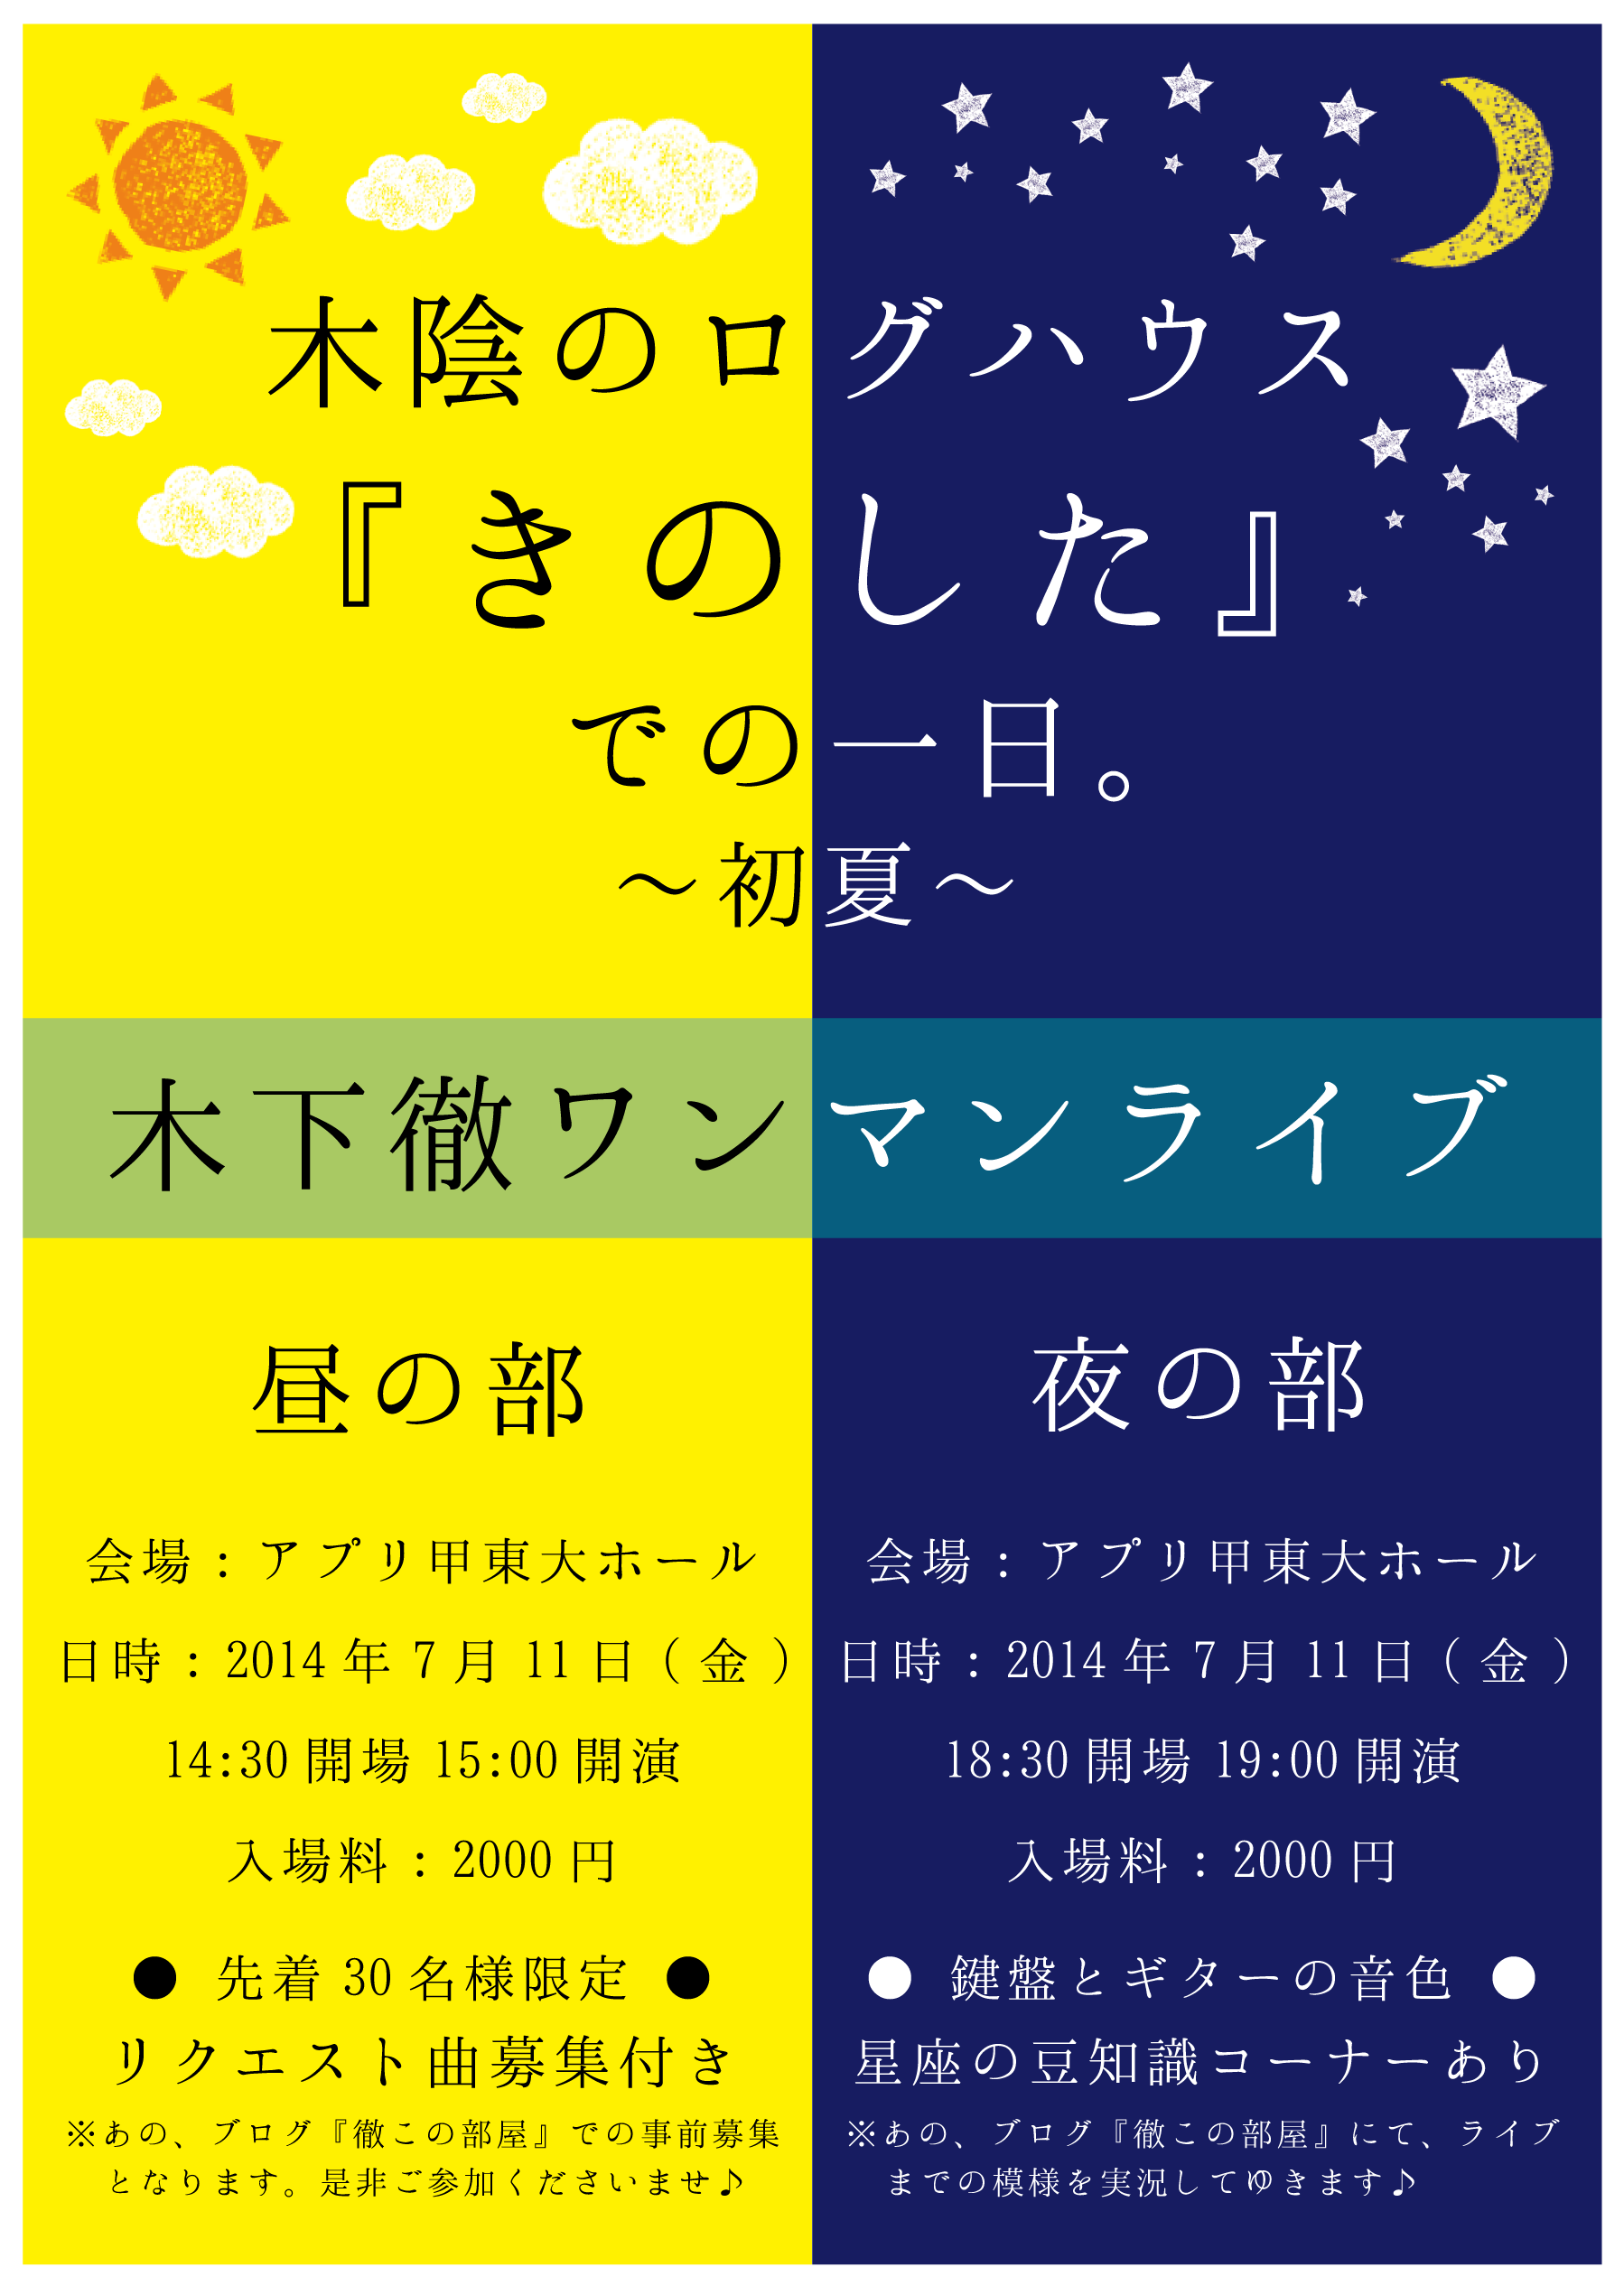 2014.07.11『木陰のログハウス『きのした』での一日。~初夏~』@アプリ甲東大ホール(兵庫):フライヤーA5クリッピング